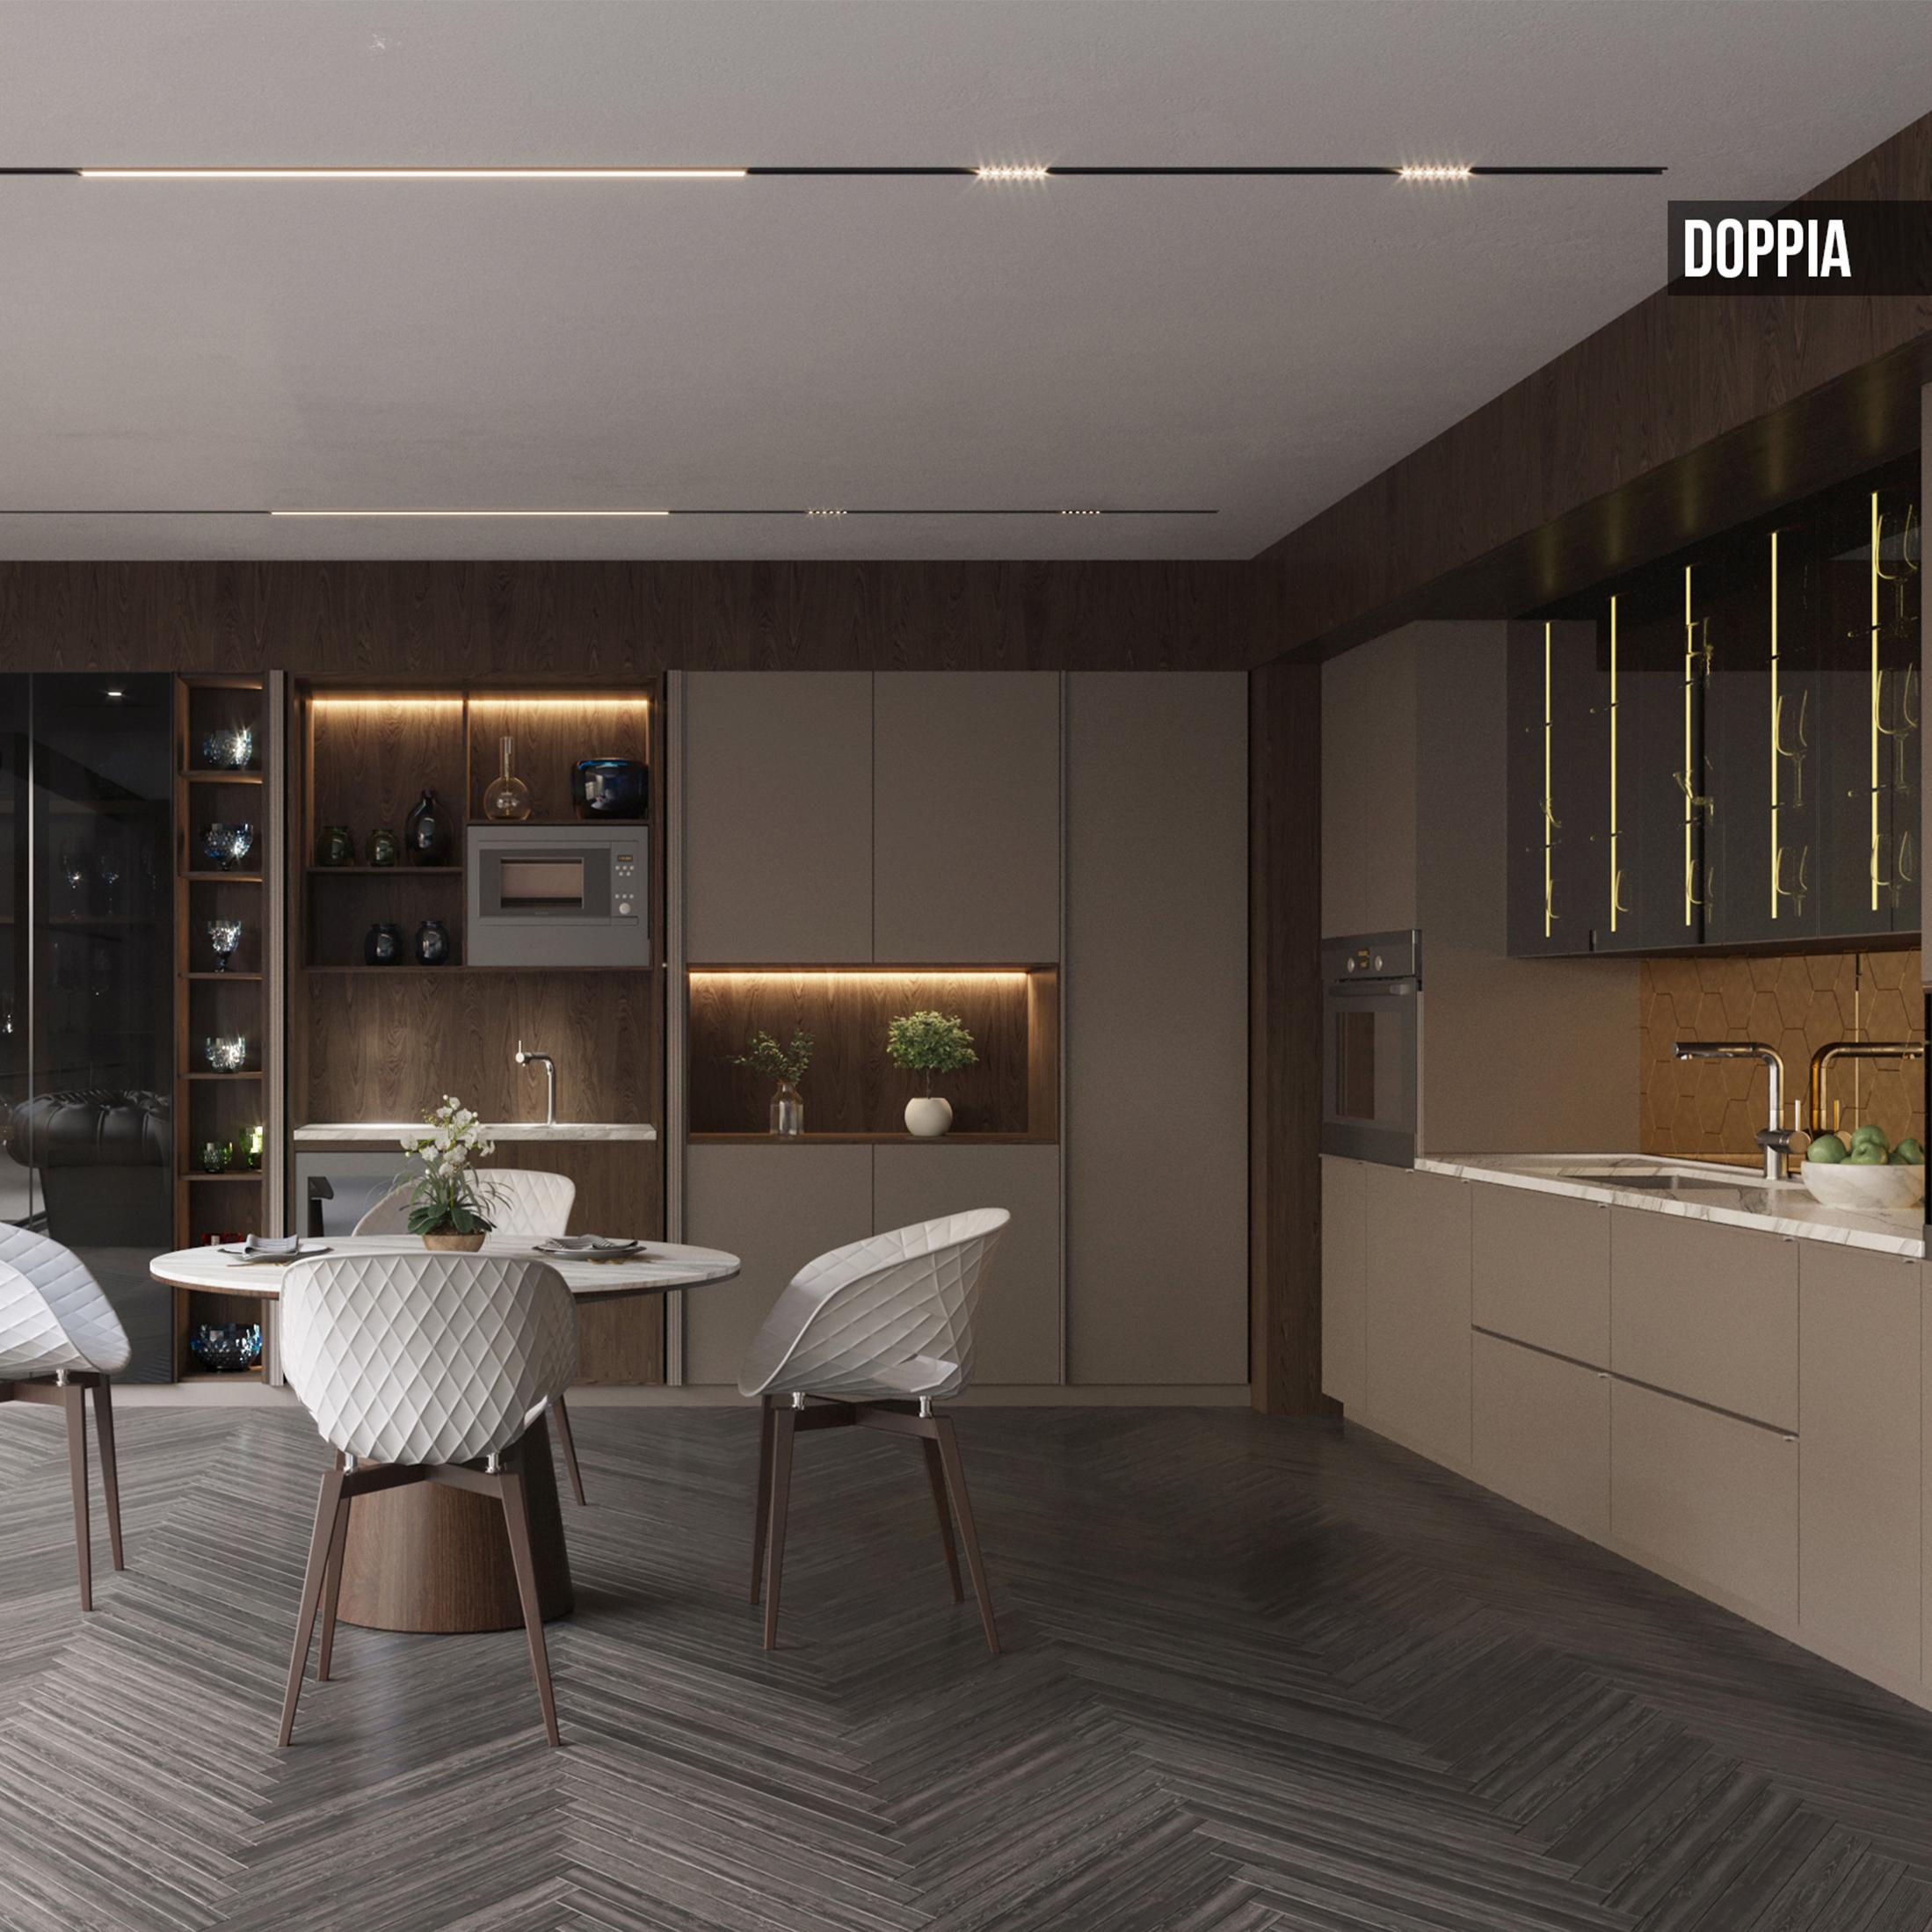 Kafco Aluminum Kitchen - Doppia